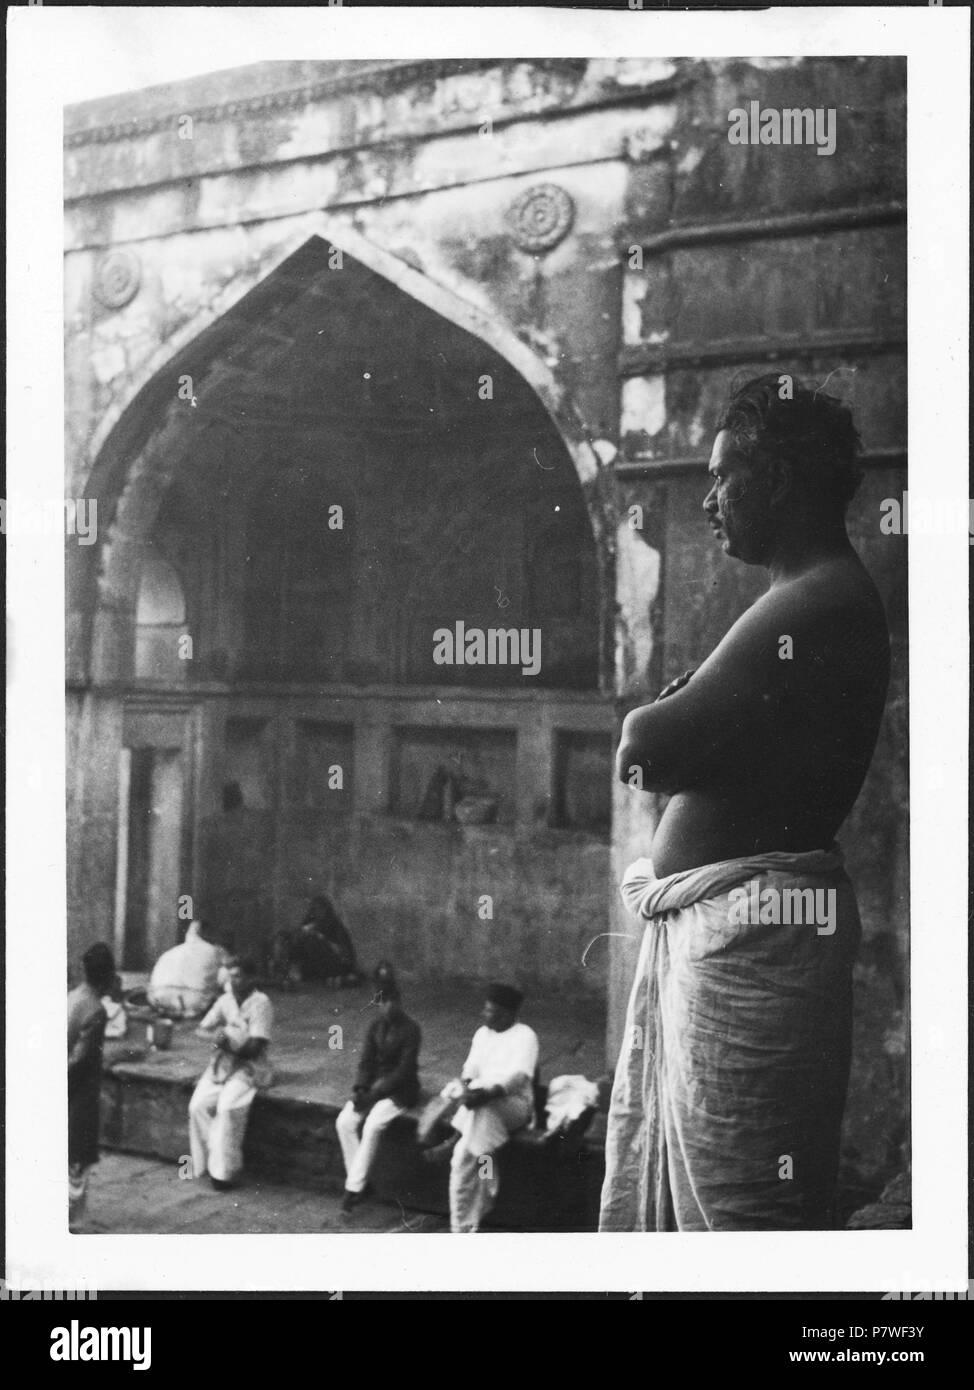 Britisch-Indien, Mandu (Mandav): Menschen; Männer vor einer Mauernische. from 1939 until 1940 68 CH-NB - Britisch-Indien, Mandu (Mandav)- Menschen - Annemarie Schwarzenbach - SLA-Schwarzenbach-A-5-23-055 Stock Photo